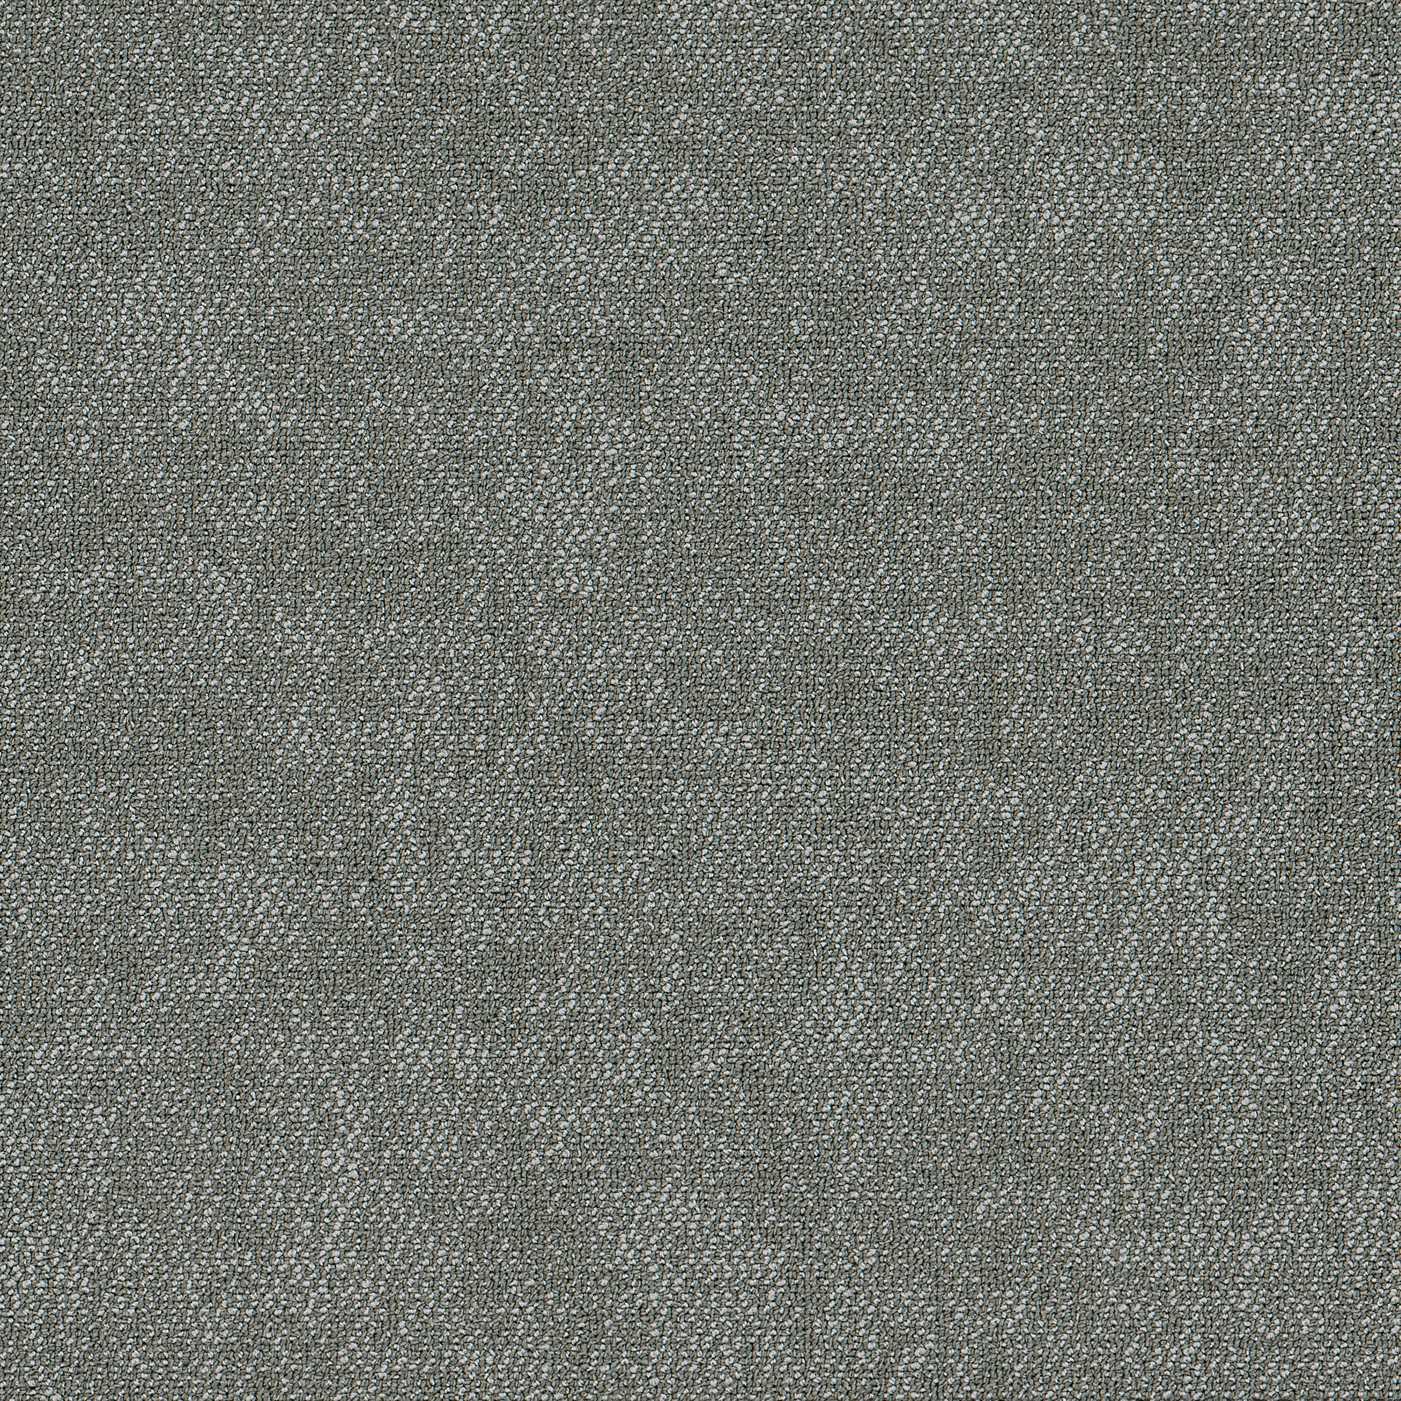 76a0a0c8 7170 433b b47b 42b1a4a17ee9